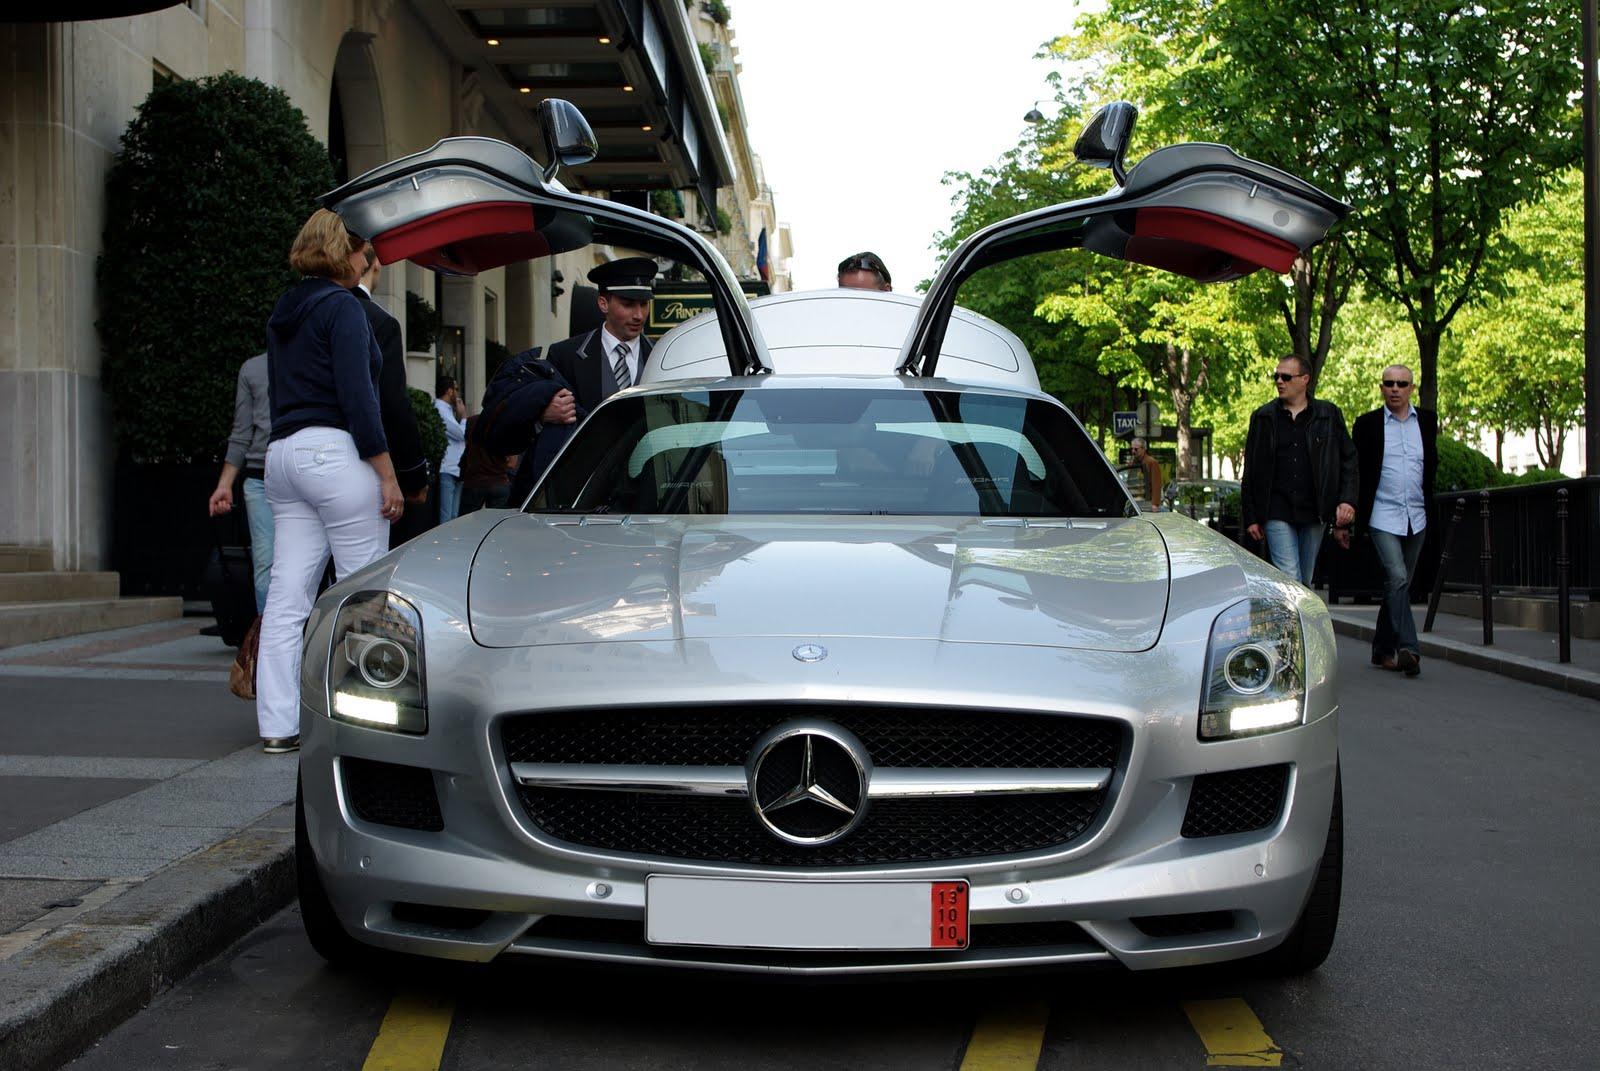 Mercedes loison voitures occasion mercedes benz classe c 2015 loison sous lens mitula voiture - Garage renault loison sous lens ...